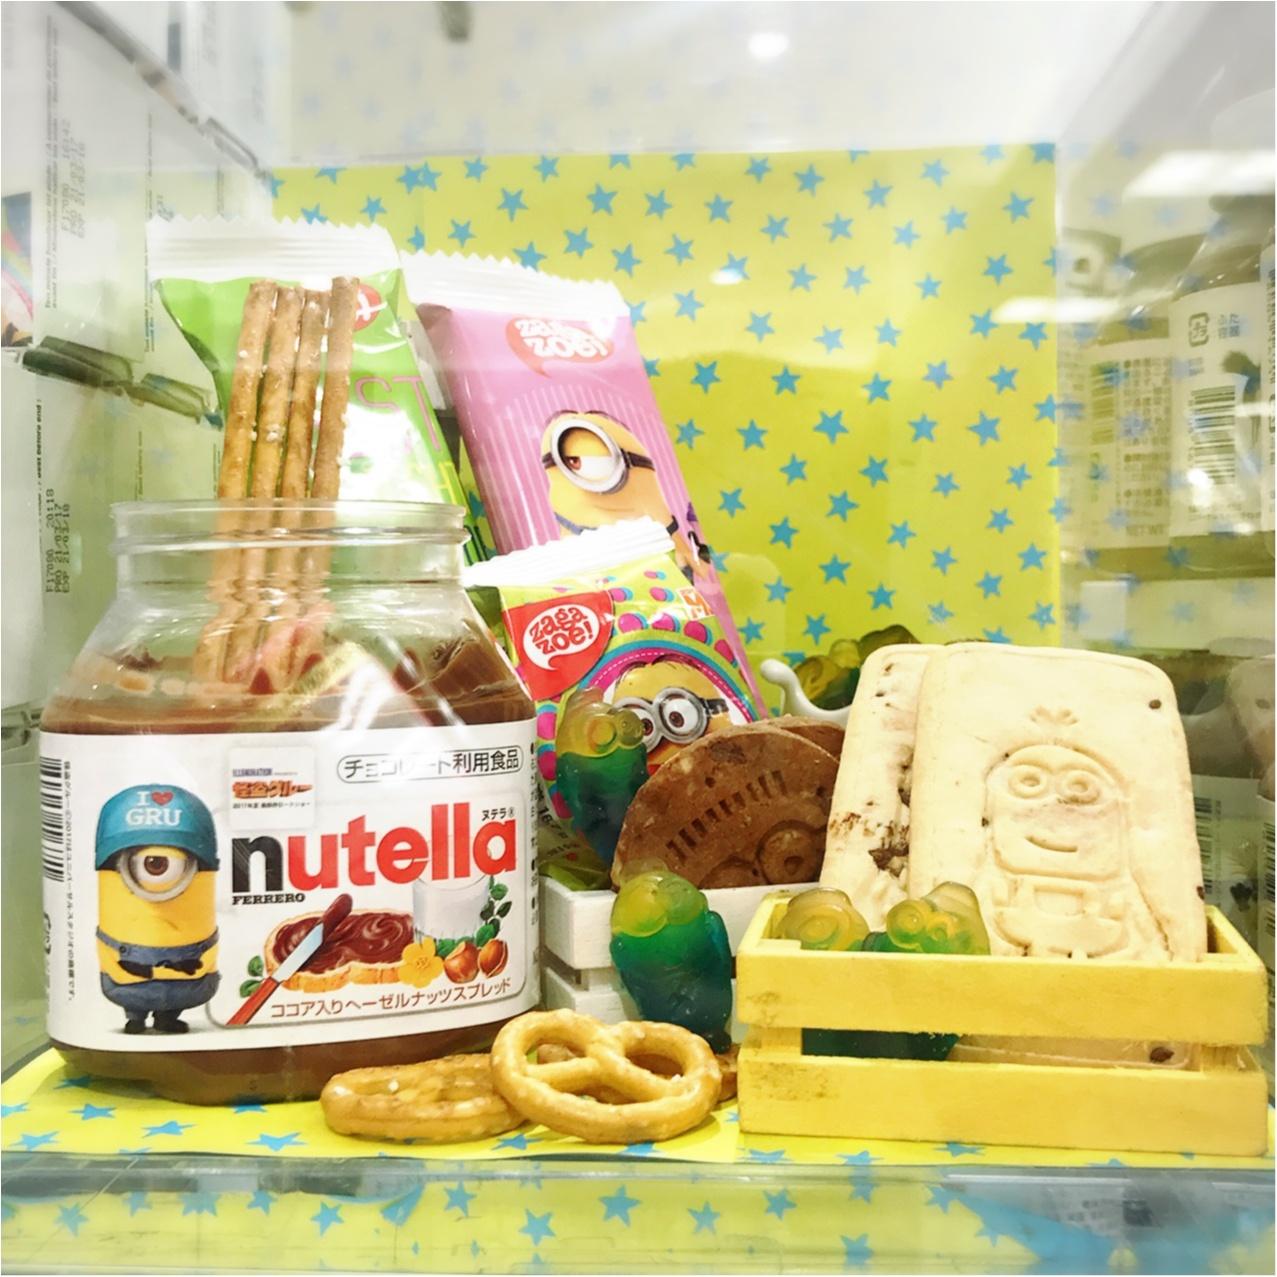 ヨーロッパの朝食の定番!【nutella(ヌテラ)】から《怪盗グルーのミニオン大脱走》限定パッケージが登場♡_2